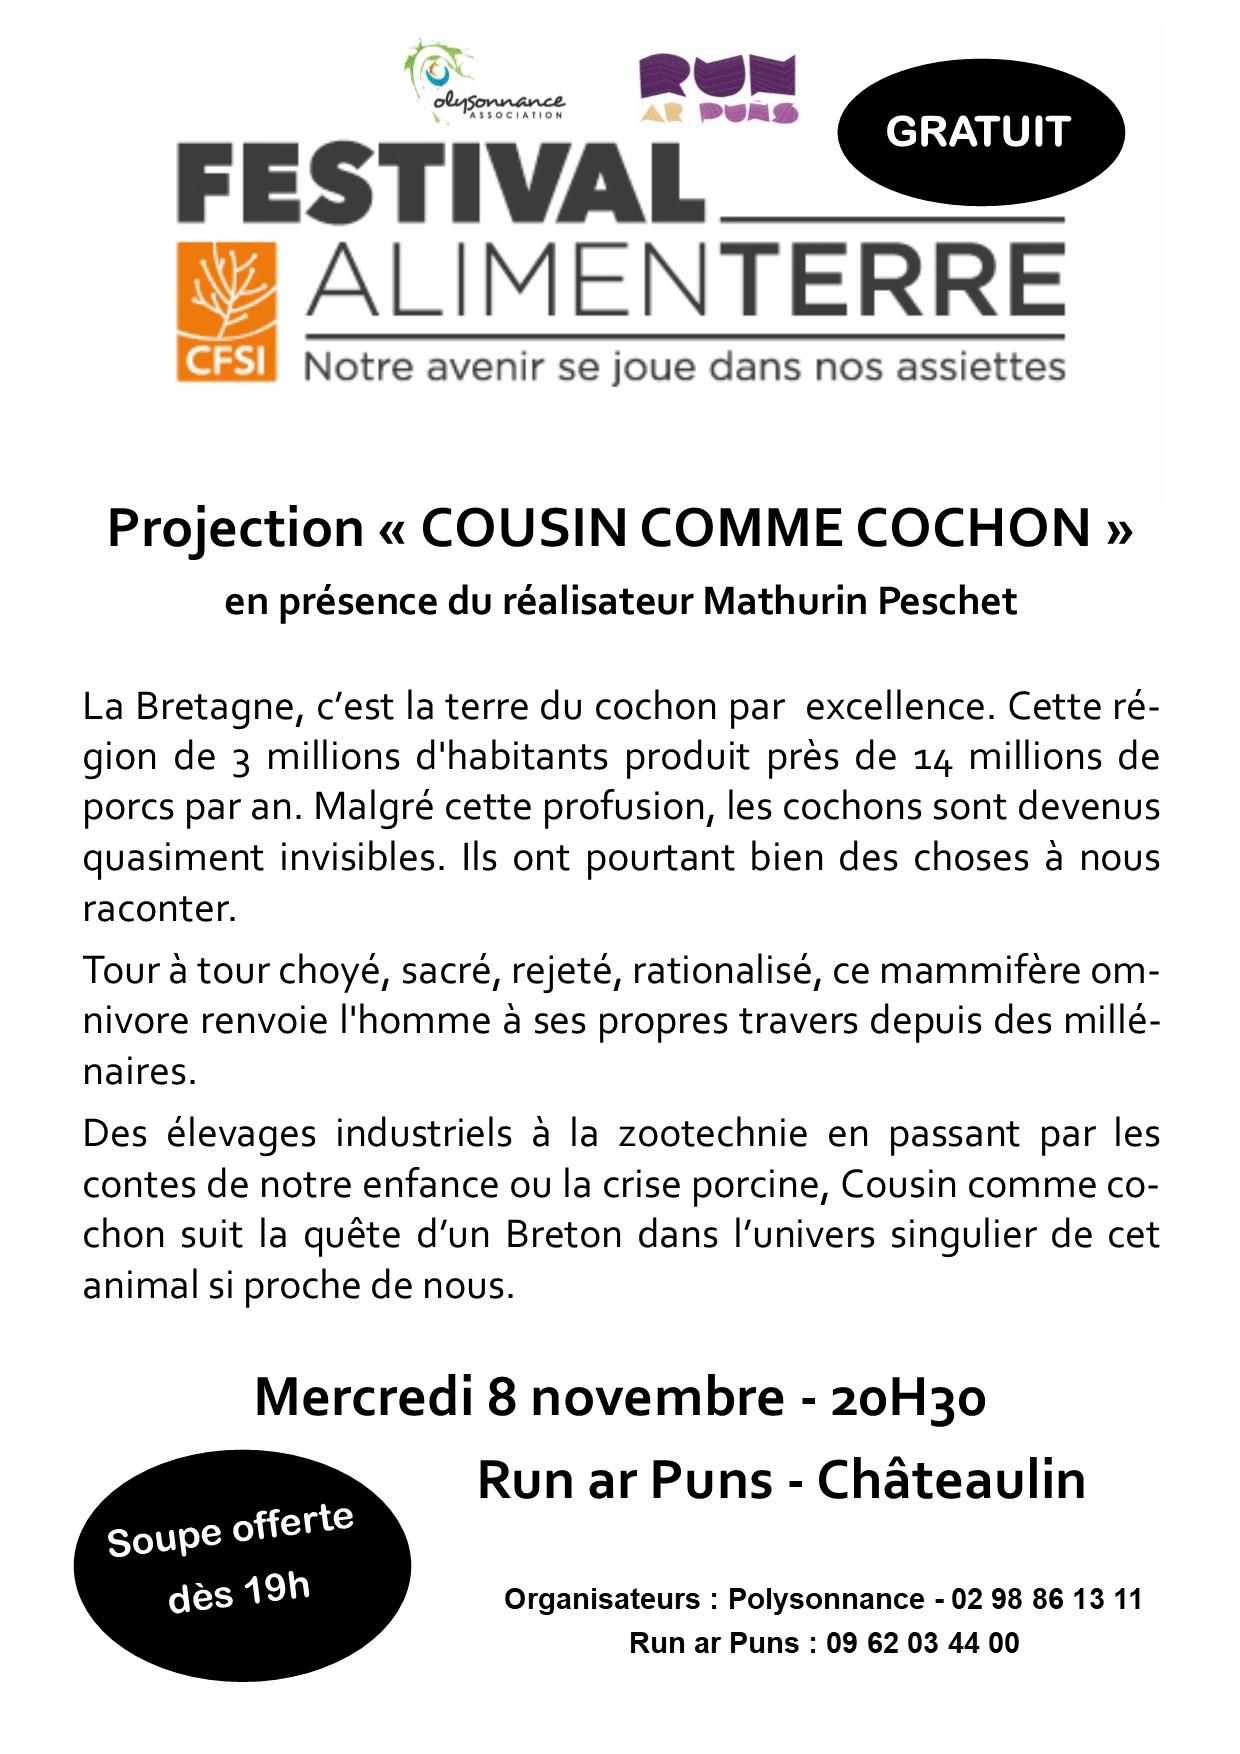 Festival AlimenTerre au Run ar Puns le 8 novembre à 20h30!